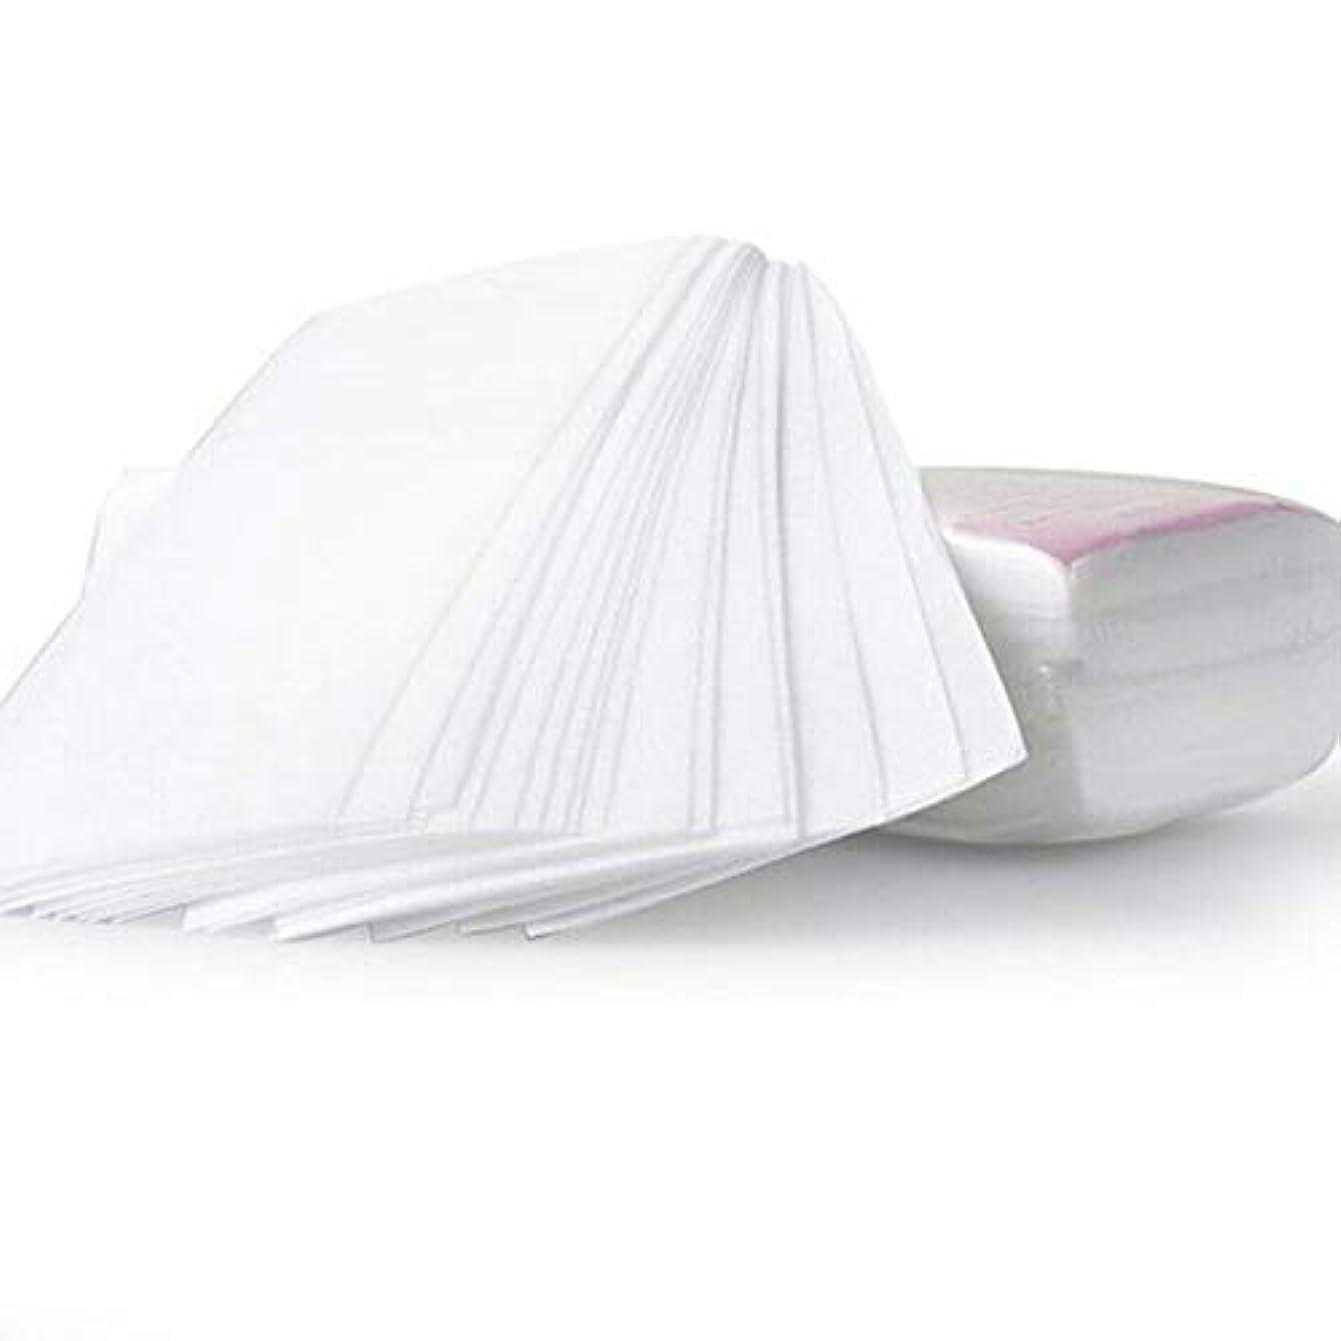 事実上パッドトマトLULAA ワックス脱毛紙 脱毛シート 衛生 使い捨て 迅速かつ簡単 痛い感じがなく 100枚